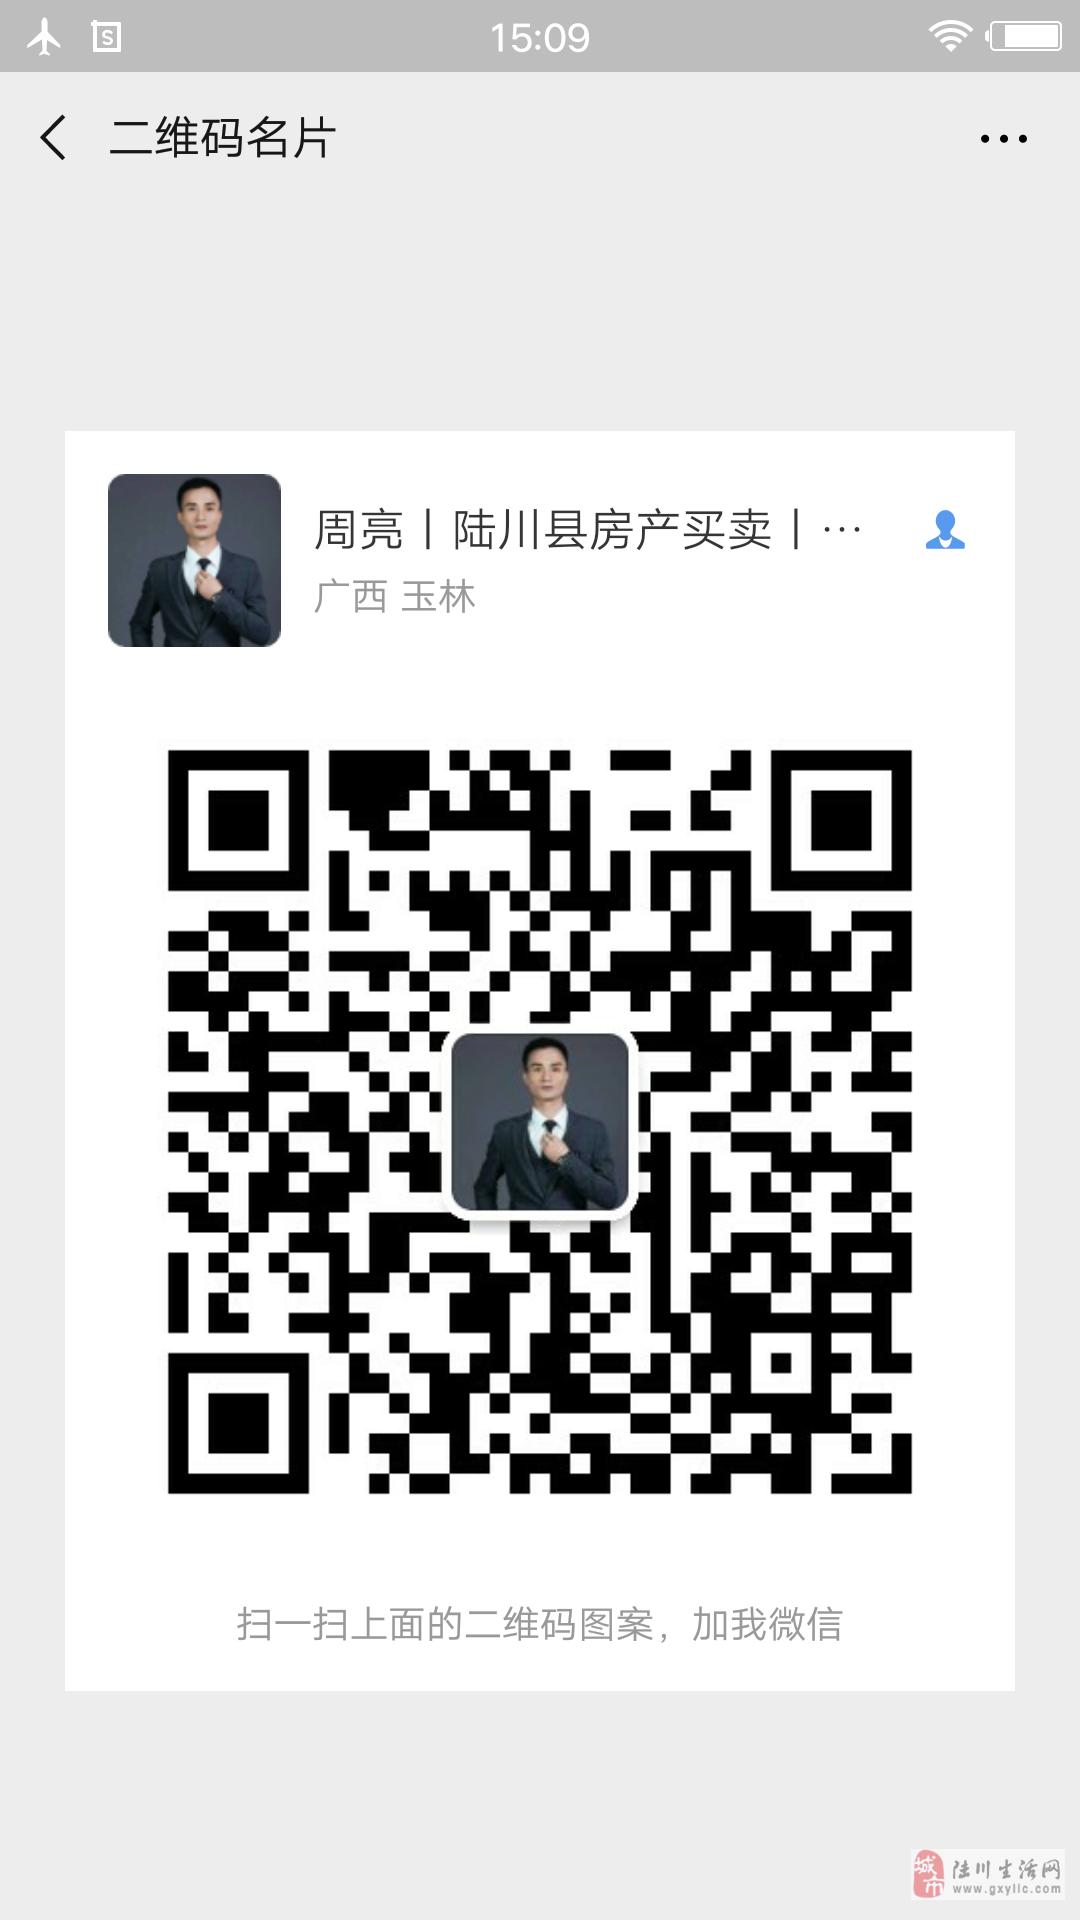 2020qq红包免费领取碧桂城5室2厅2卫65.39万元抄底价出售诚心